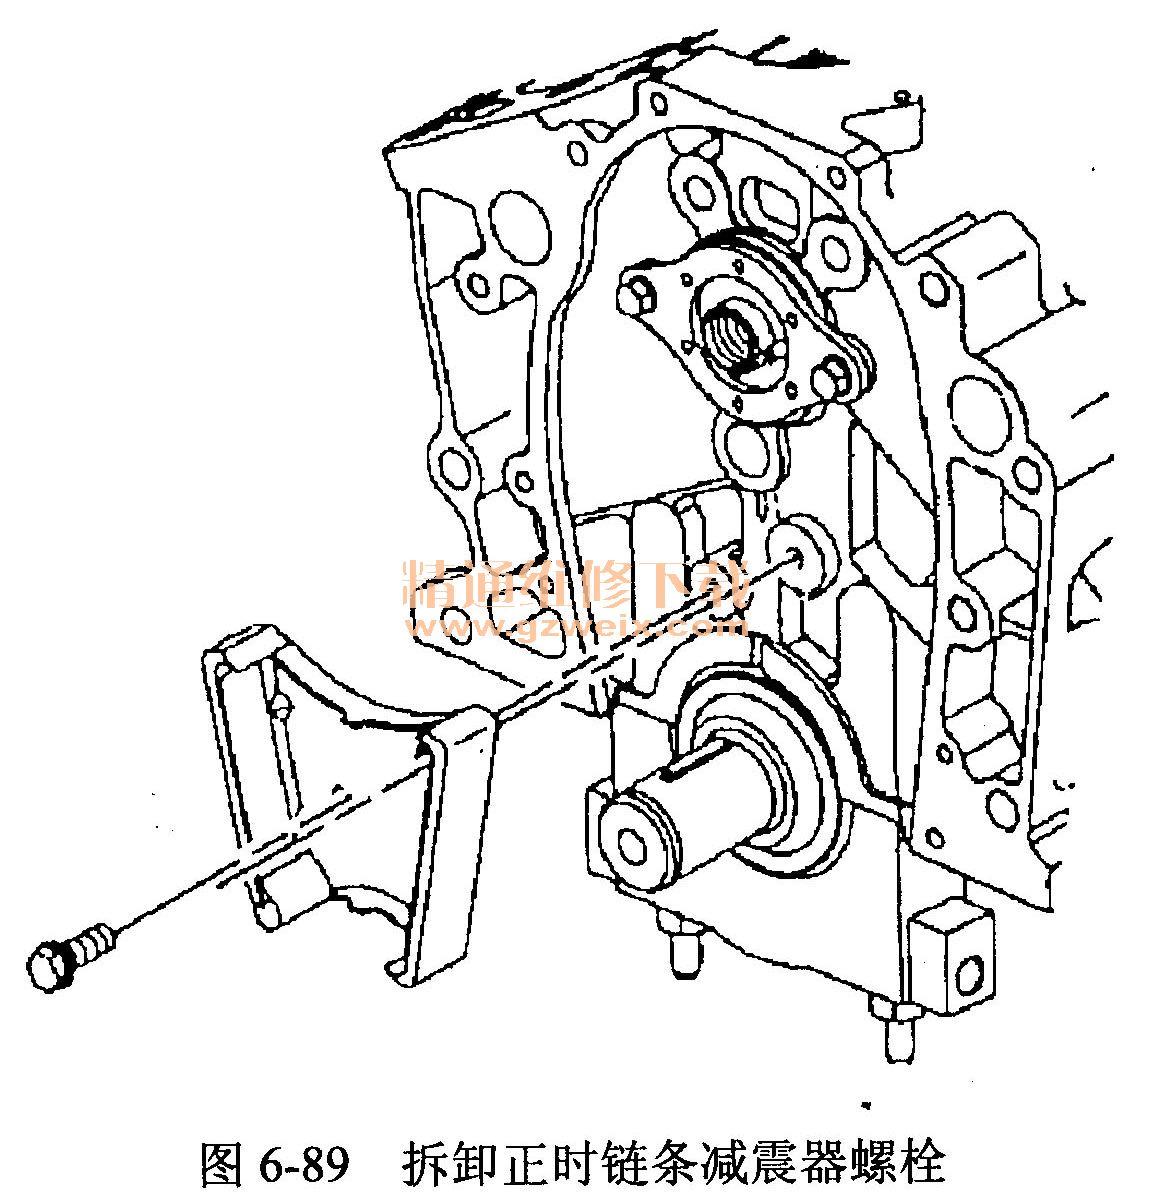 别克陆尊(lw9 3.0 l型发动机)正时校对方法